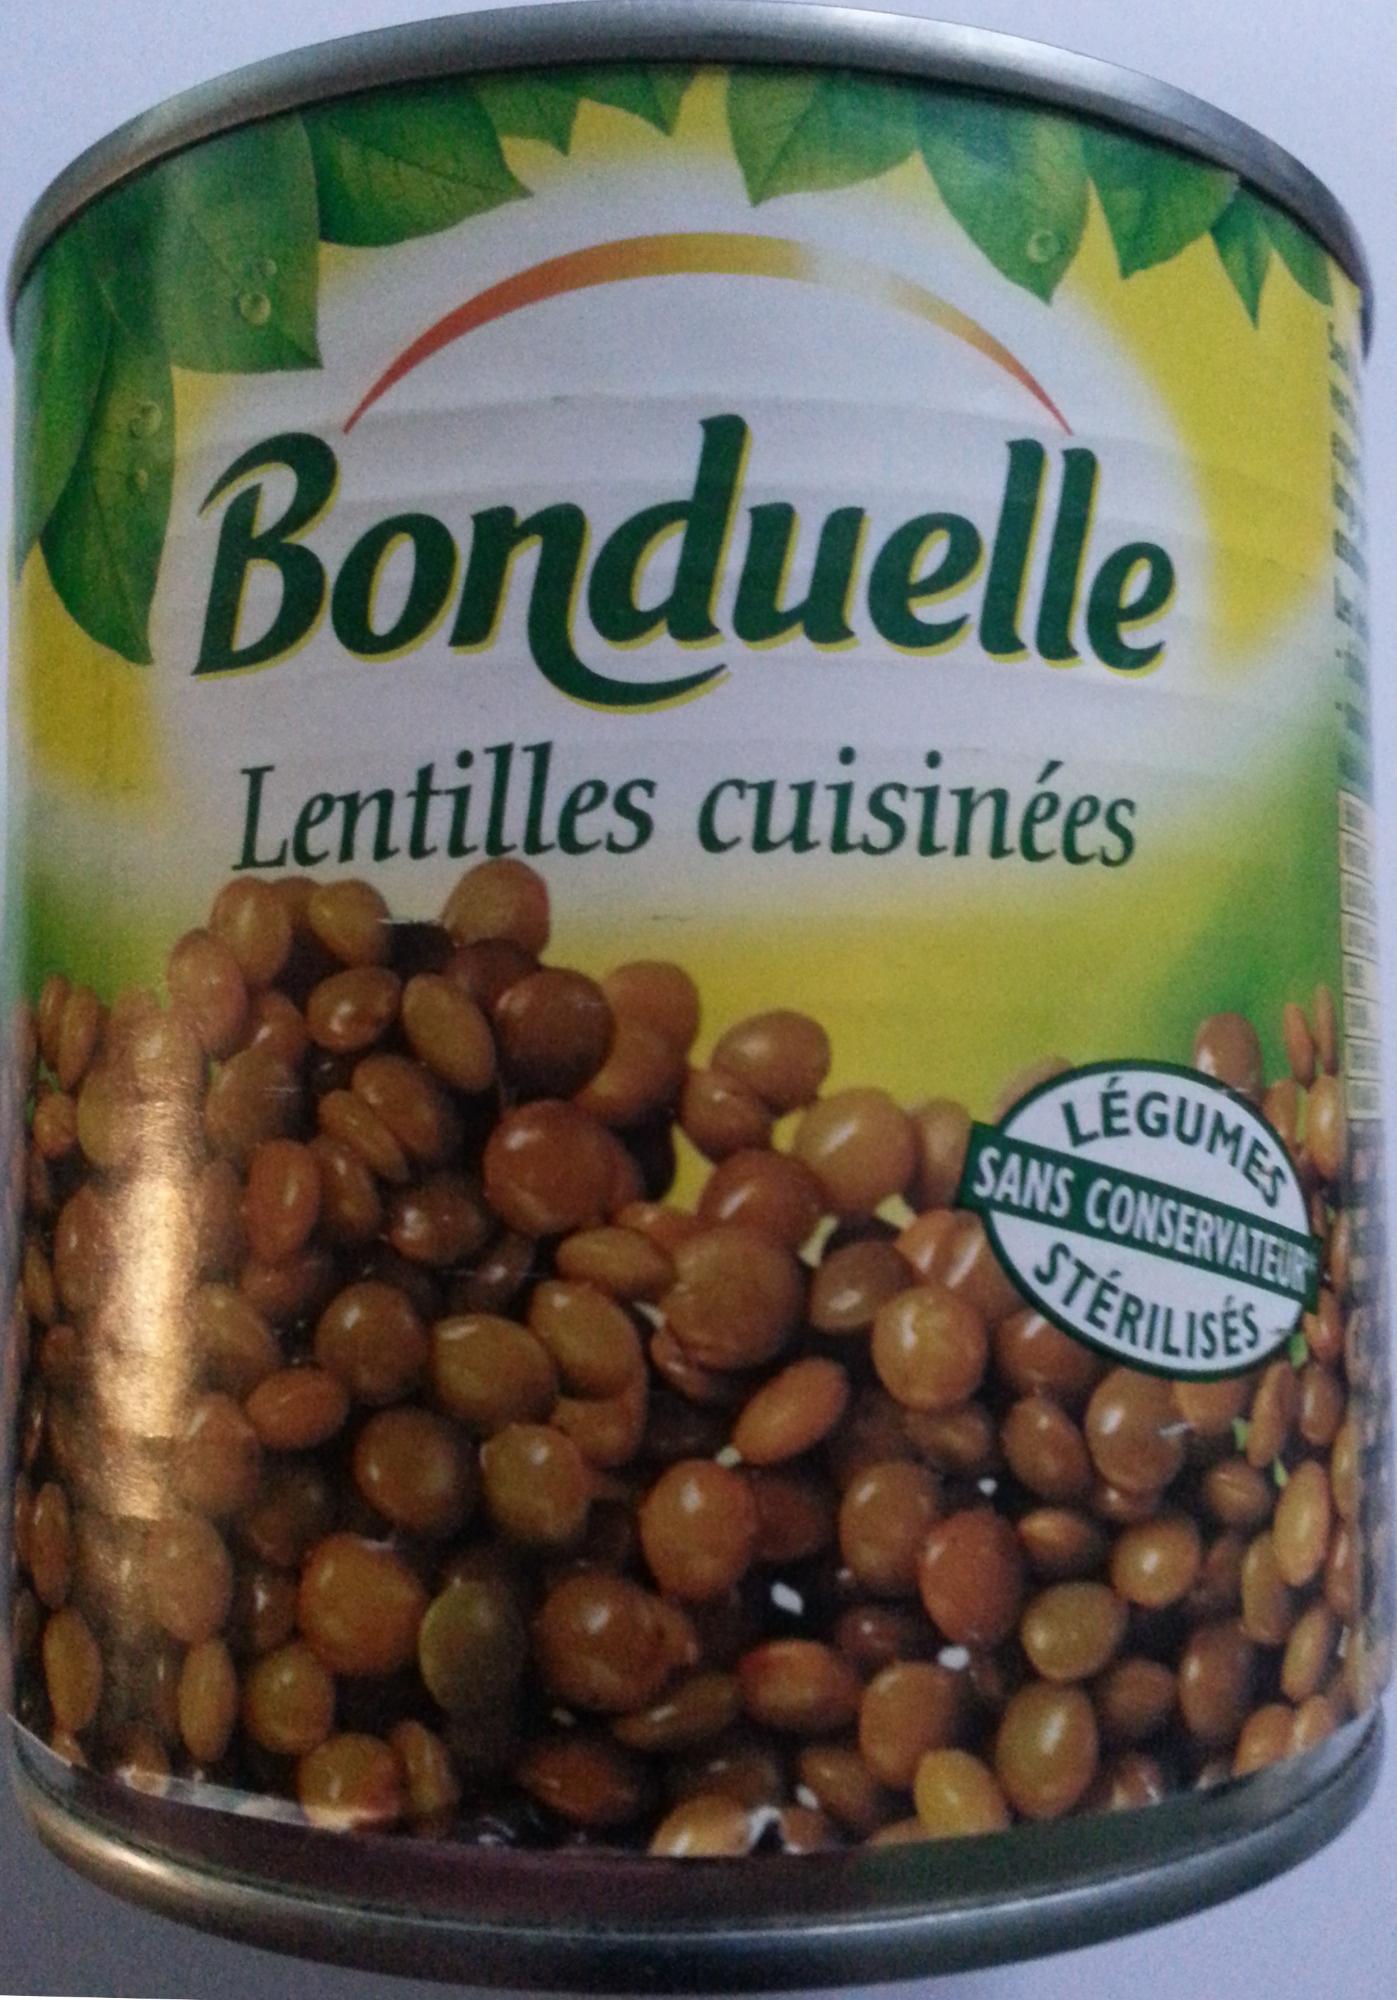 Lentilles cuisinées - 400 g - Bonduelle - Product - fr